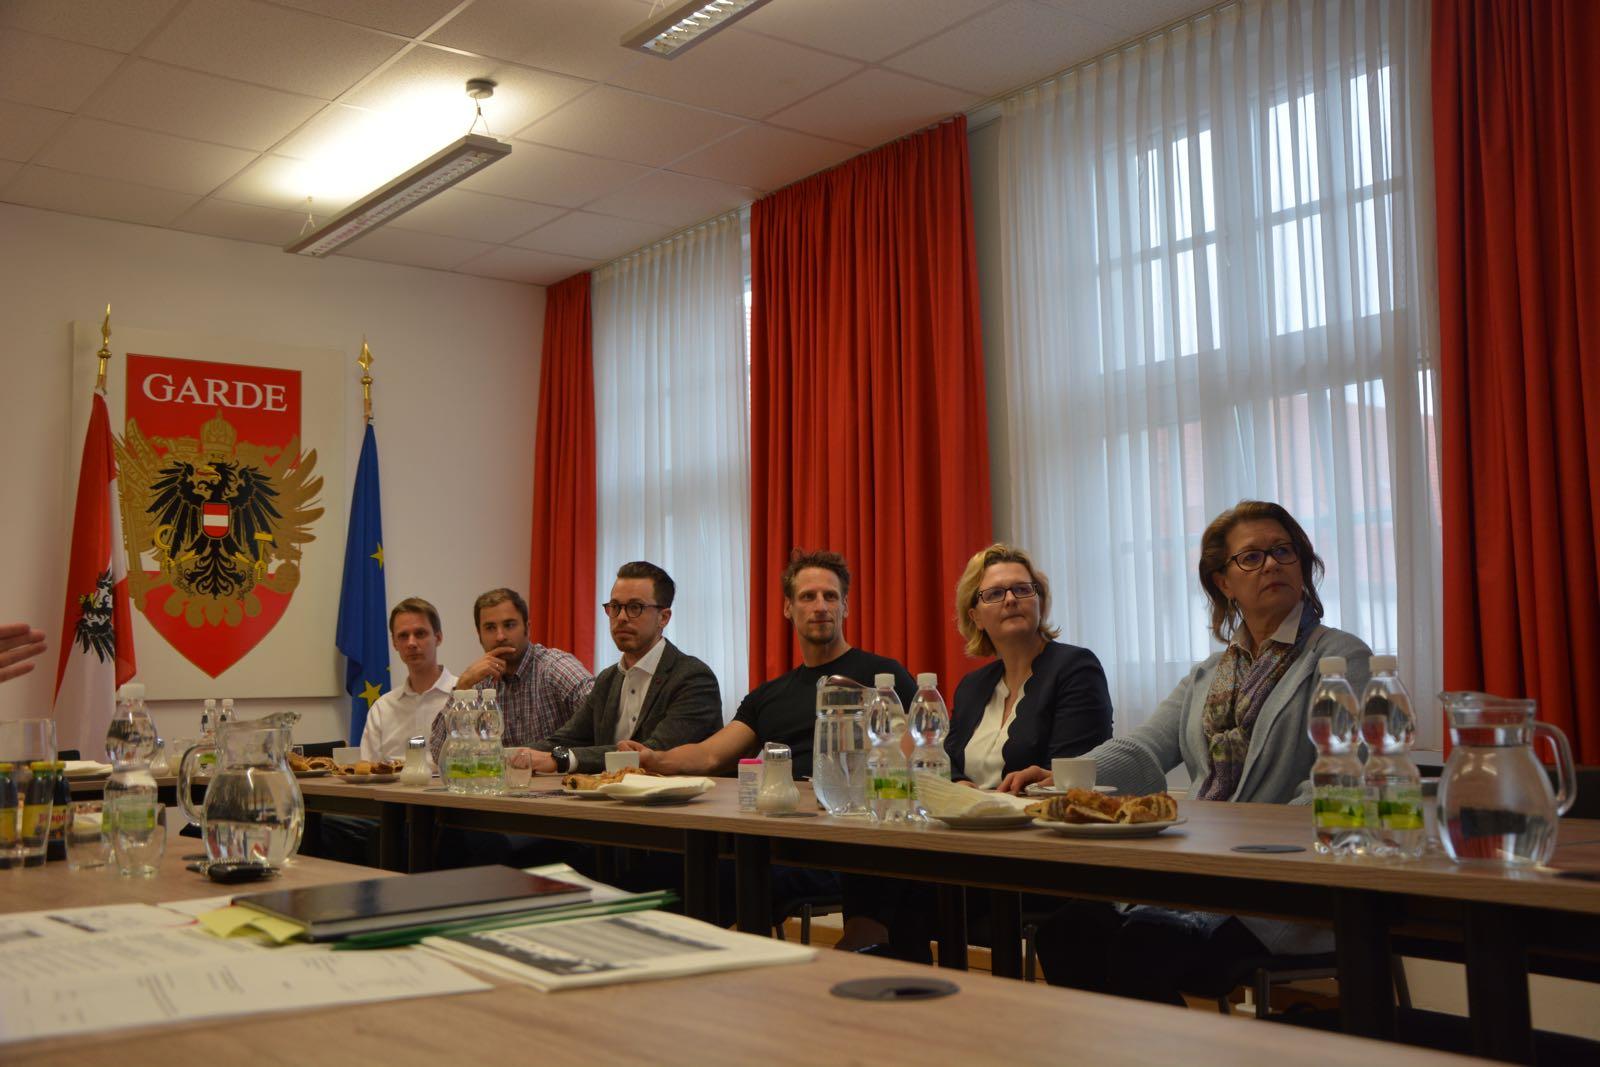 2019_04_30_Besuch_Staatsanwaltschaft - 25 of 25